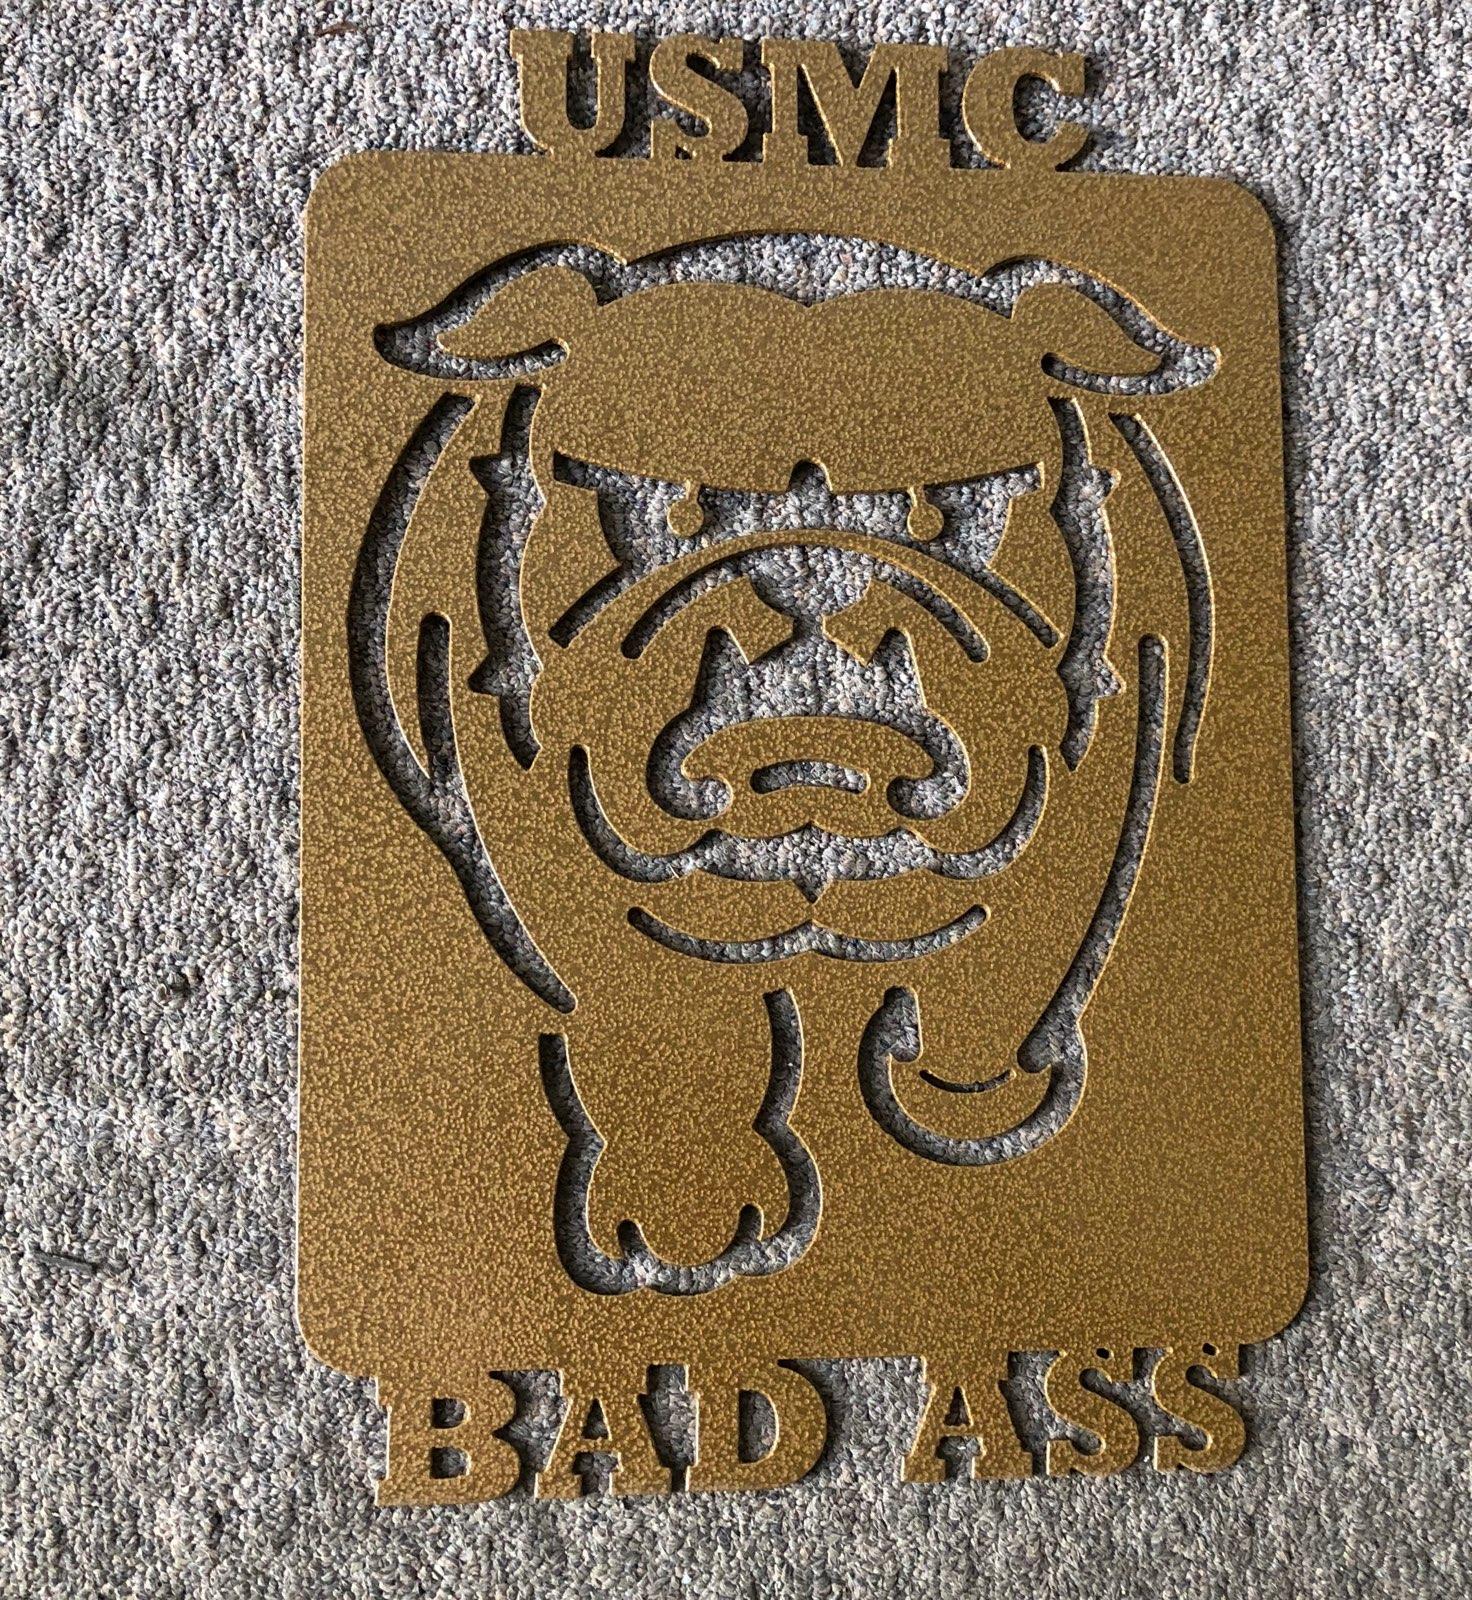 USMC Bull Dog